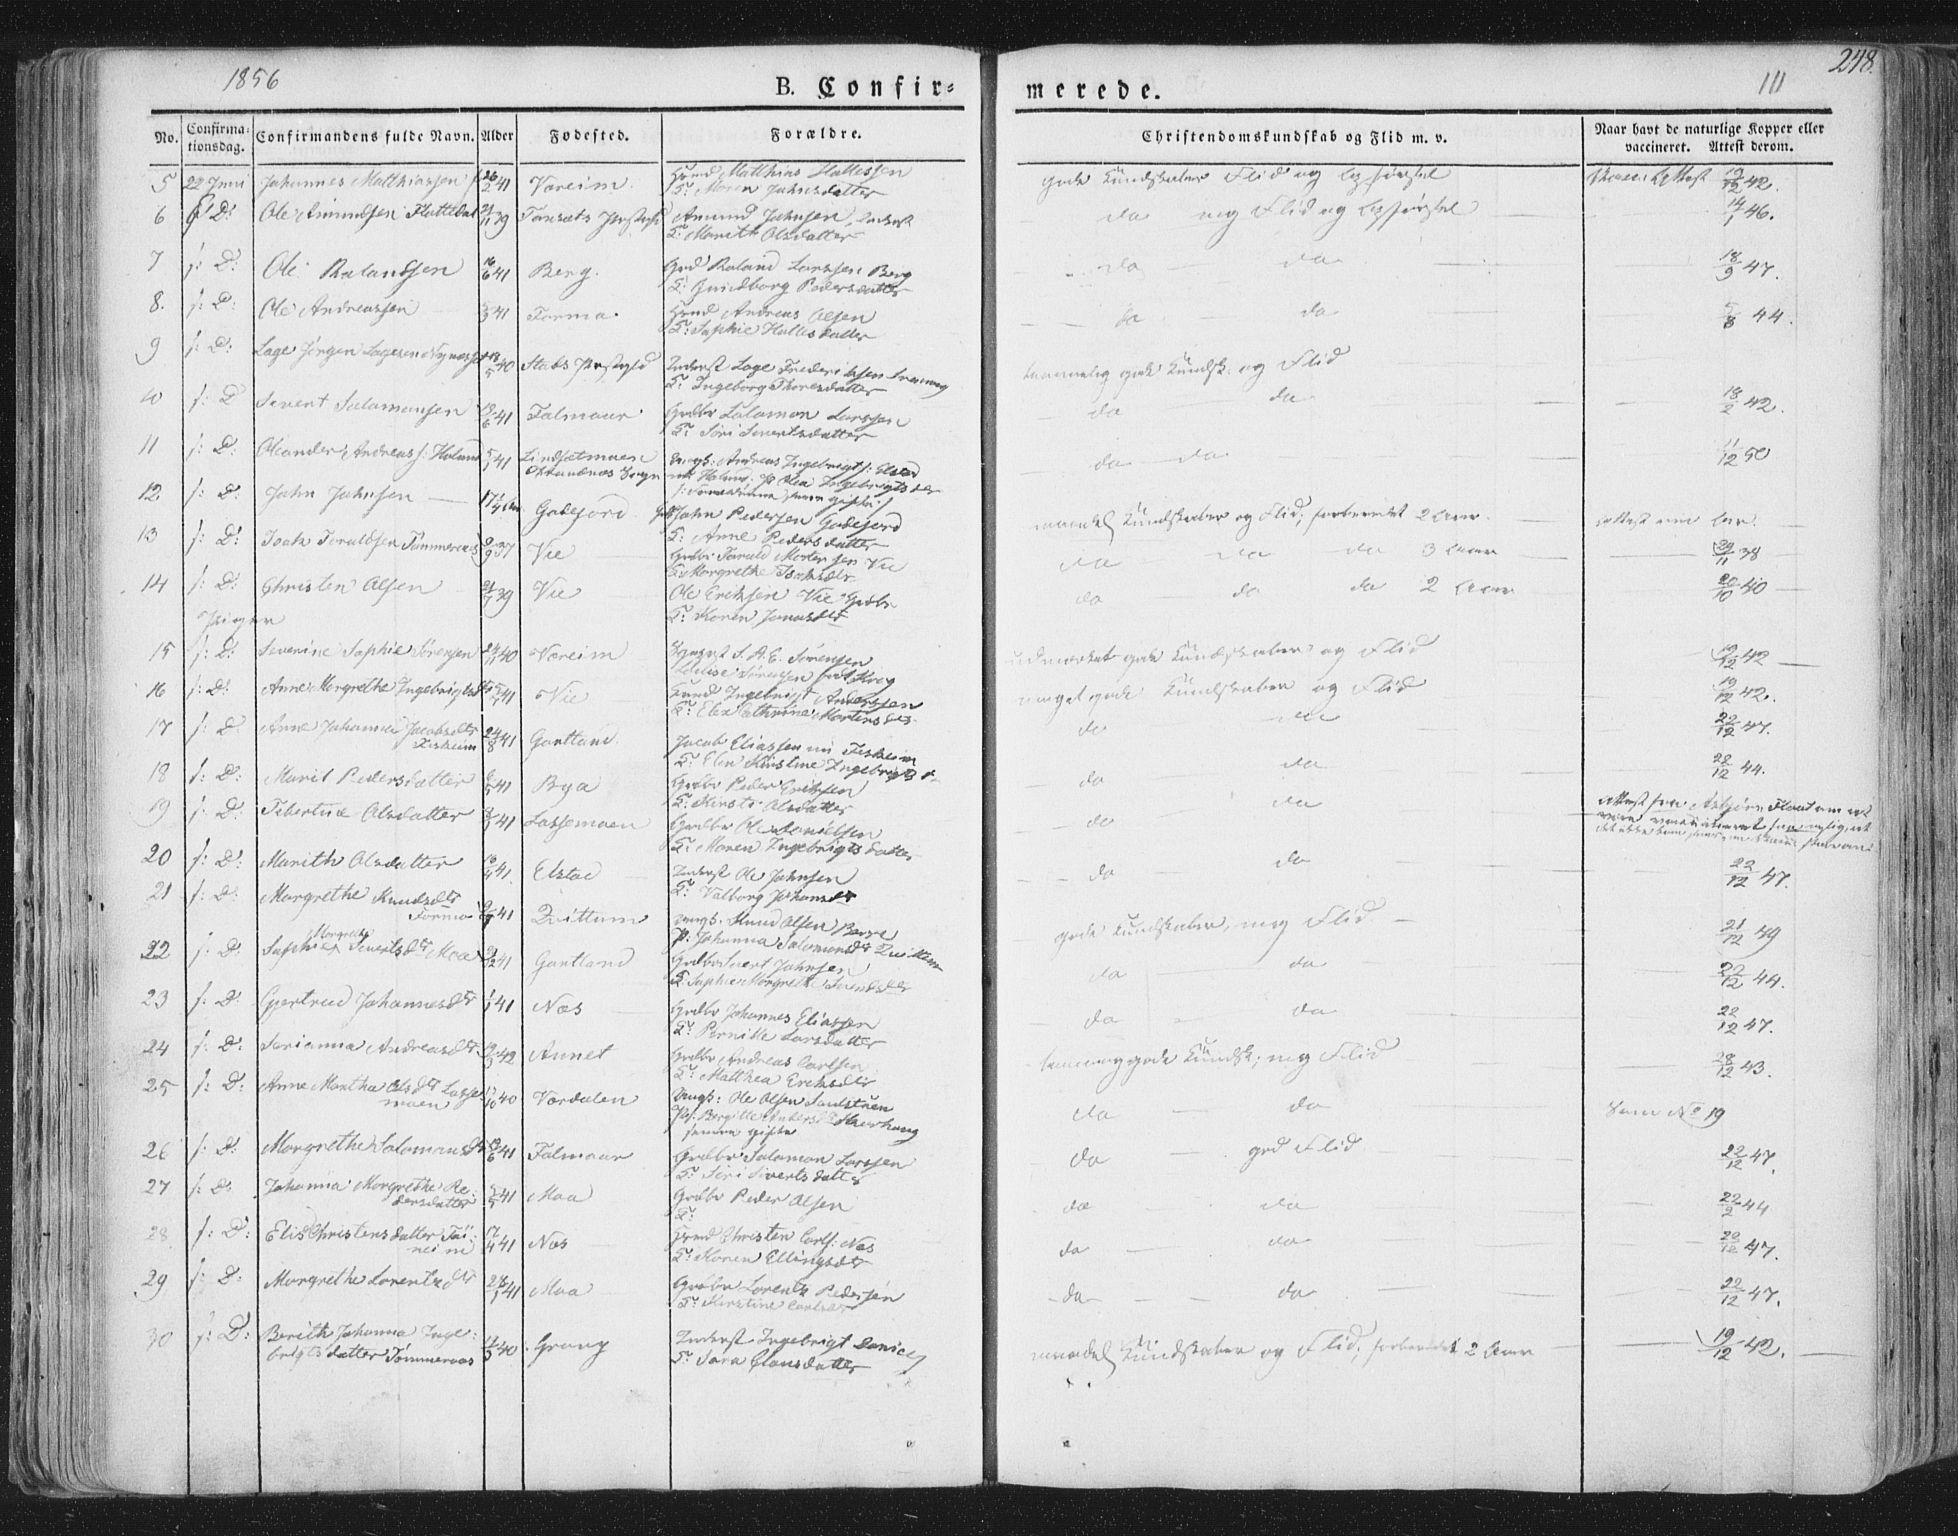 SAT, Ministerialprotokoller, klokkerbøker og fødselsregistre - Nord-Trøndelag, 758/L0513: Ministerialbok nr. 758A02 /1, 1839-1868, s. 111